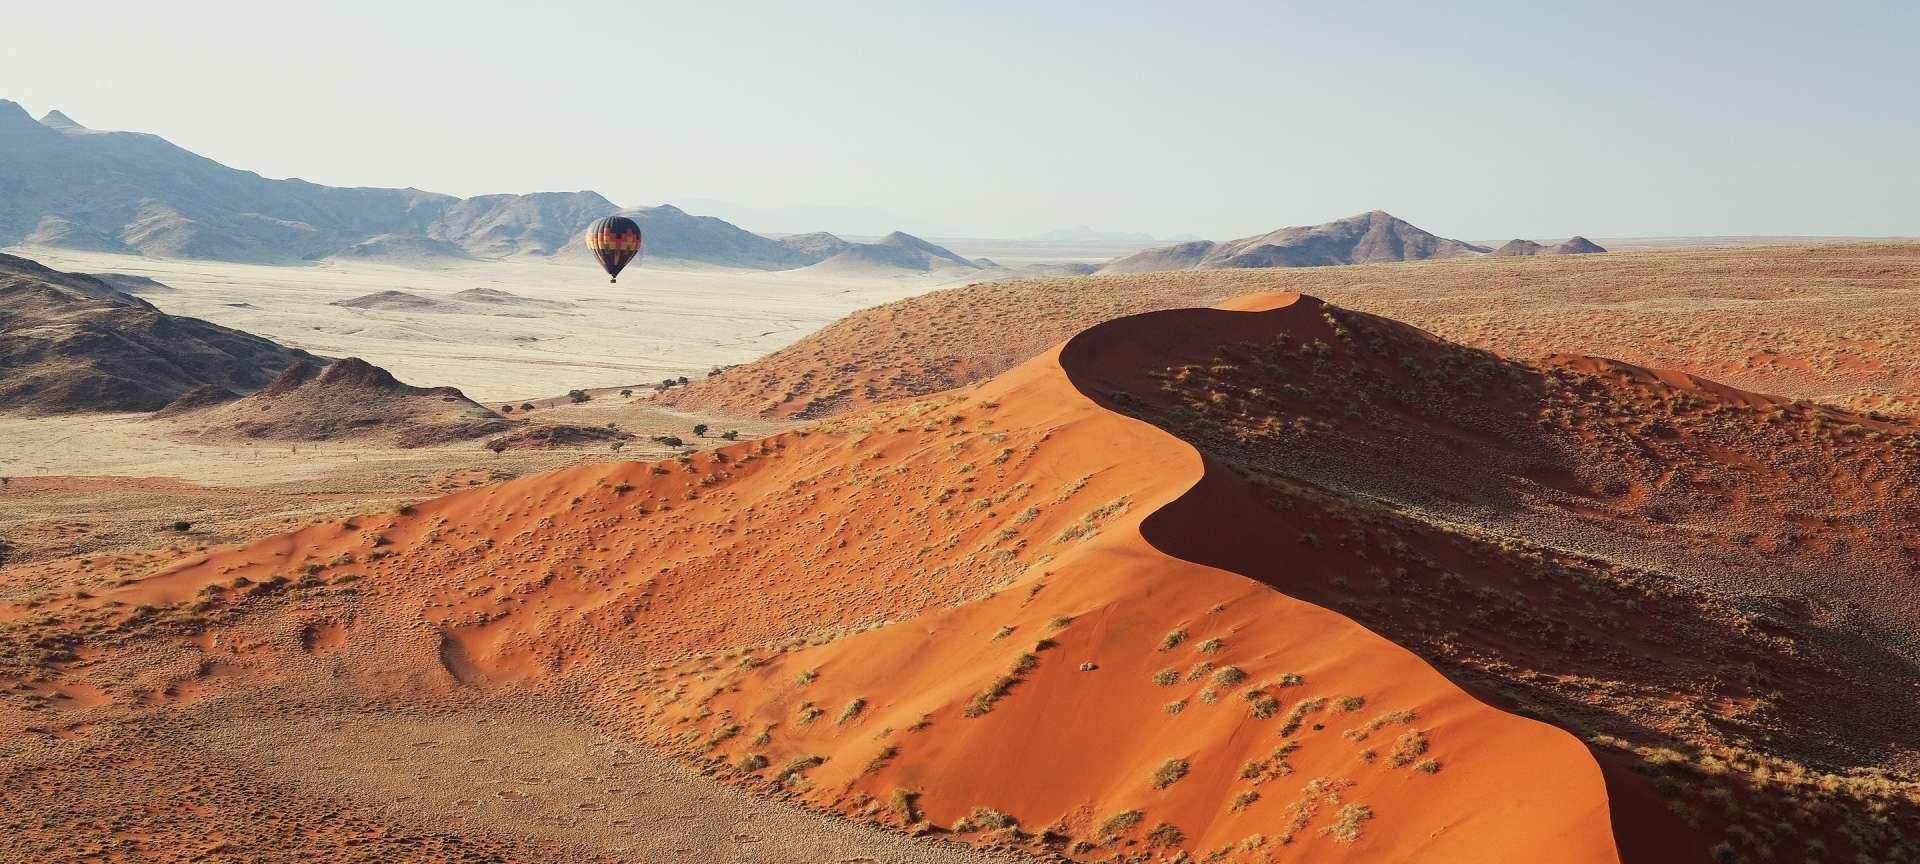 Namib Desert - Africa Wildlife Safaris